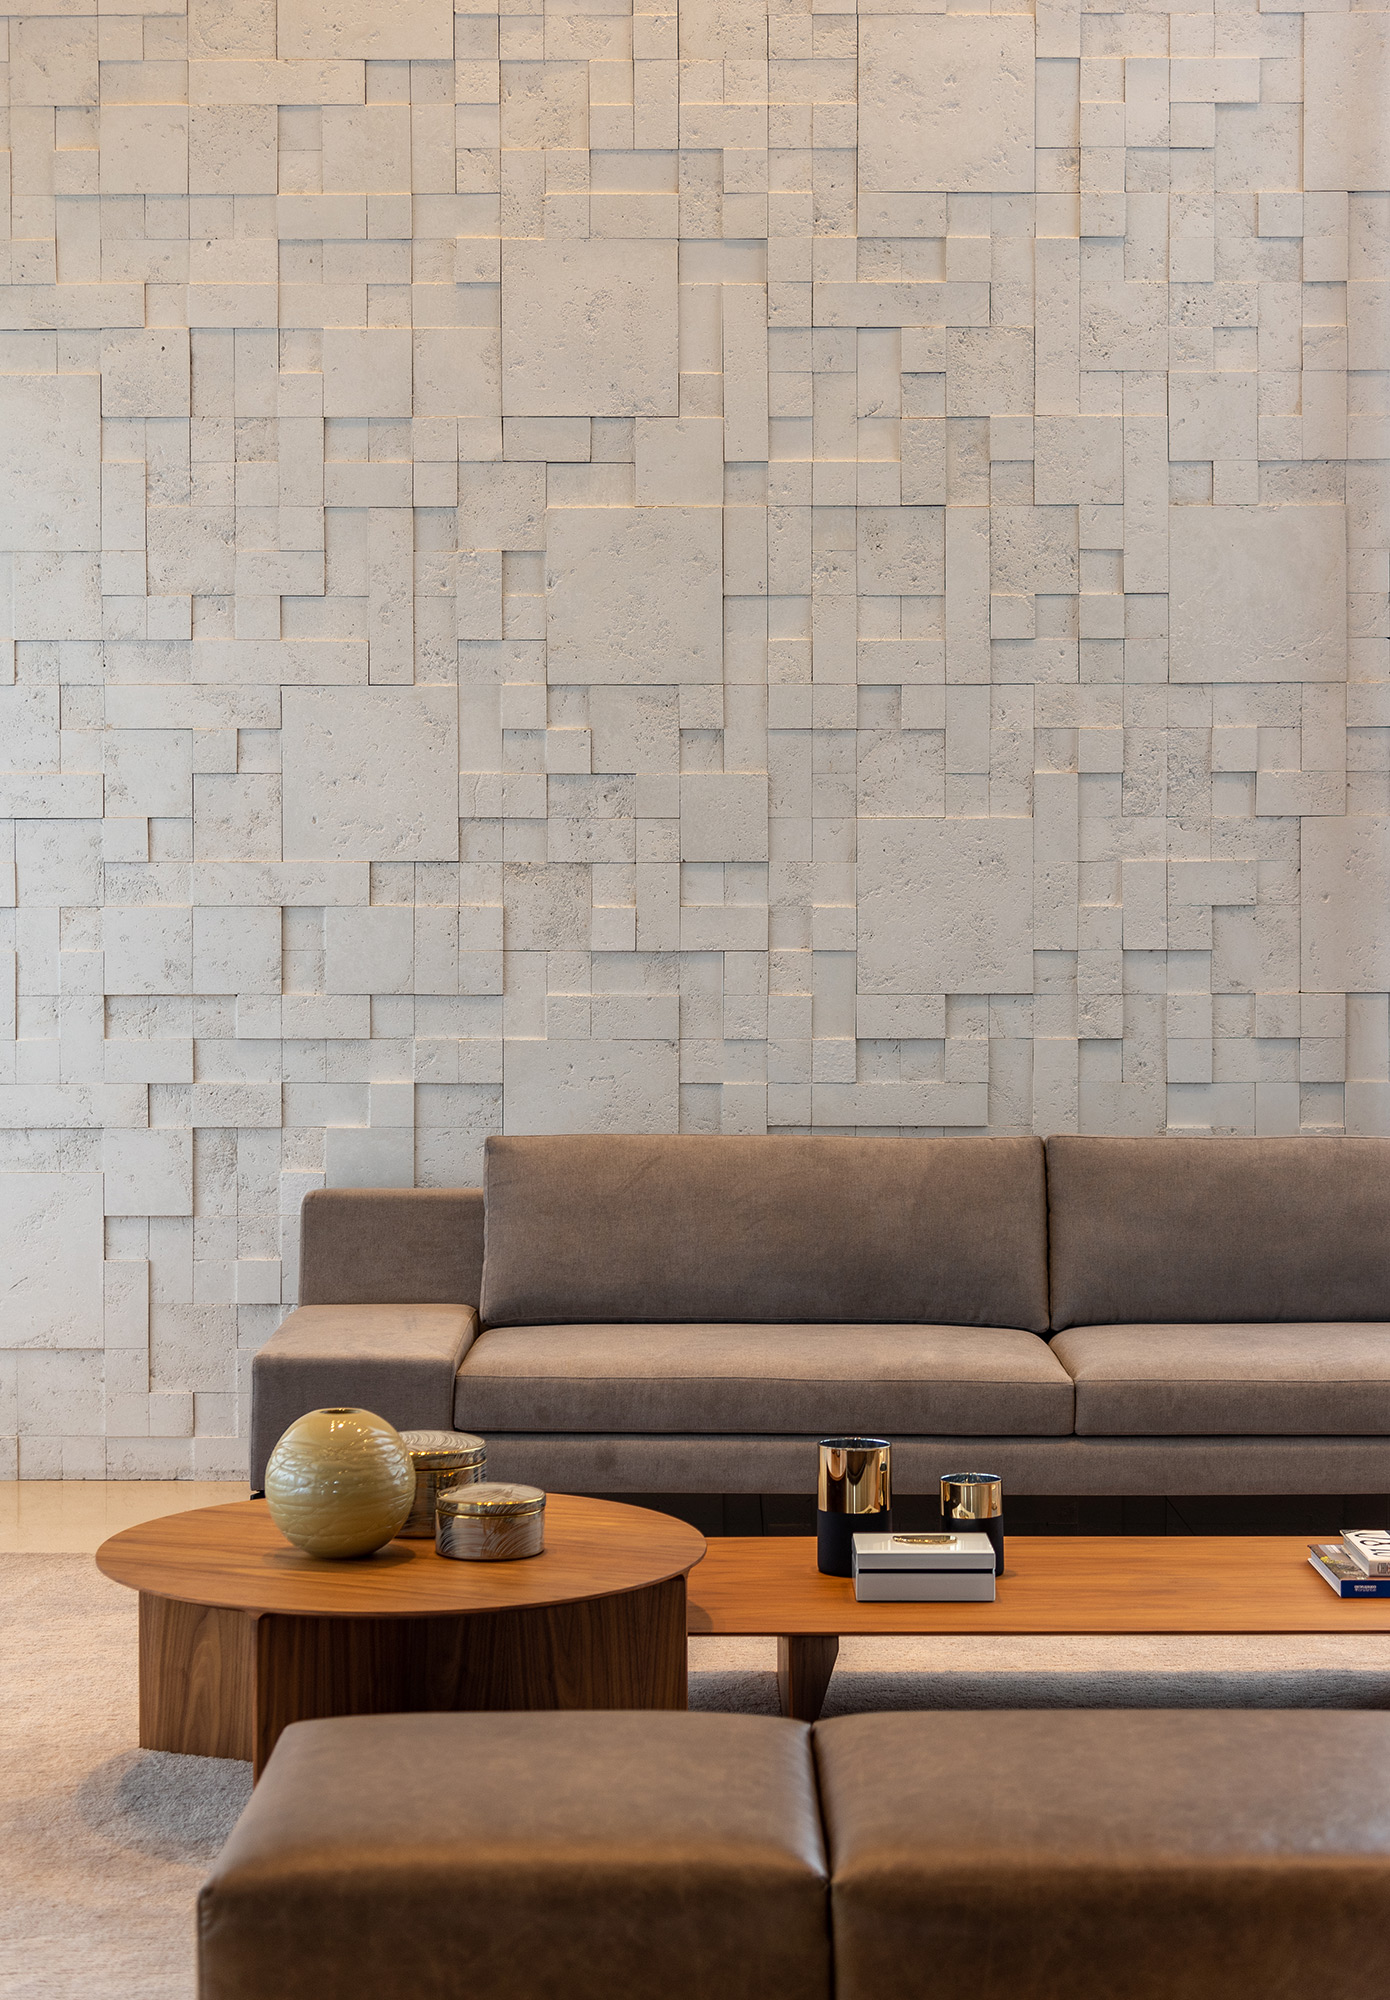 Mosaico Etrusco Branco -Arquiteta Mariana Haja - Foto Favaro Jr.